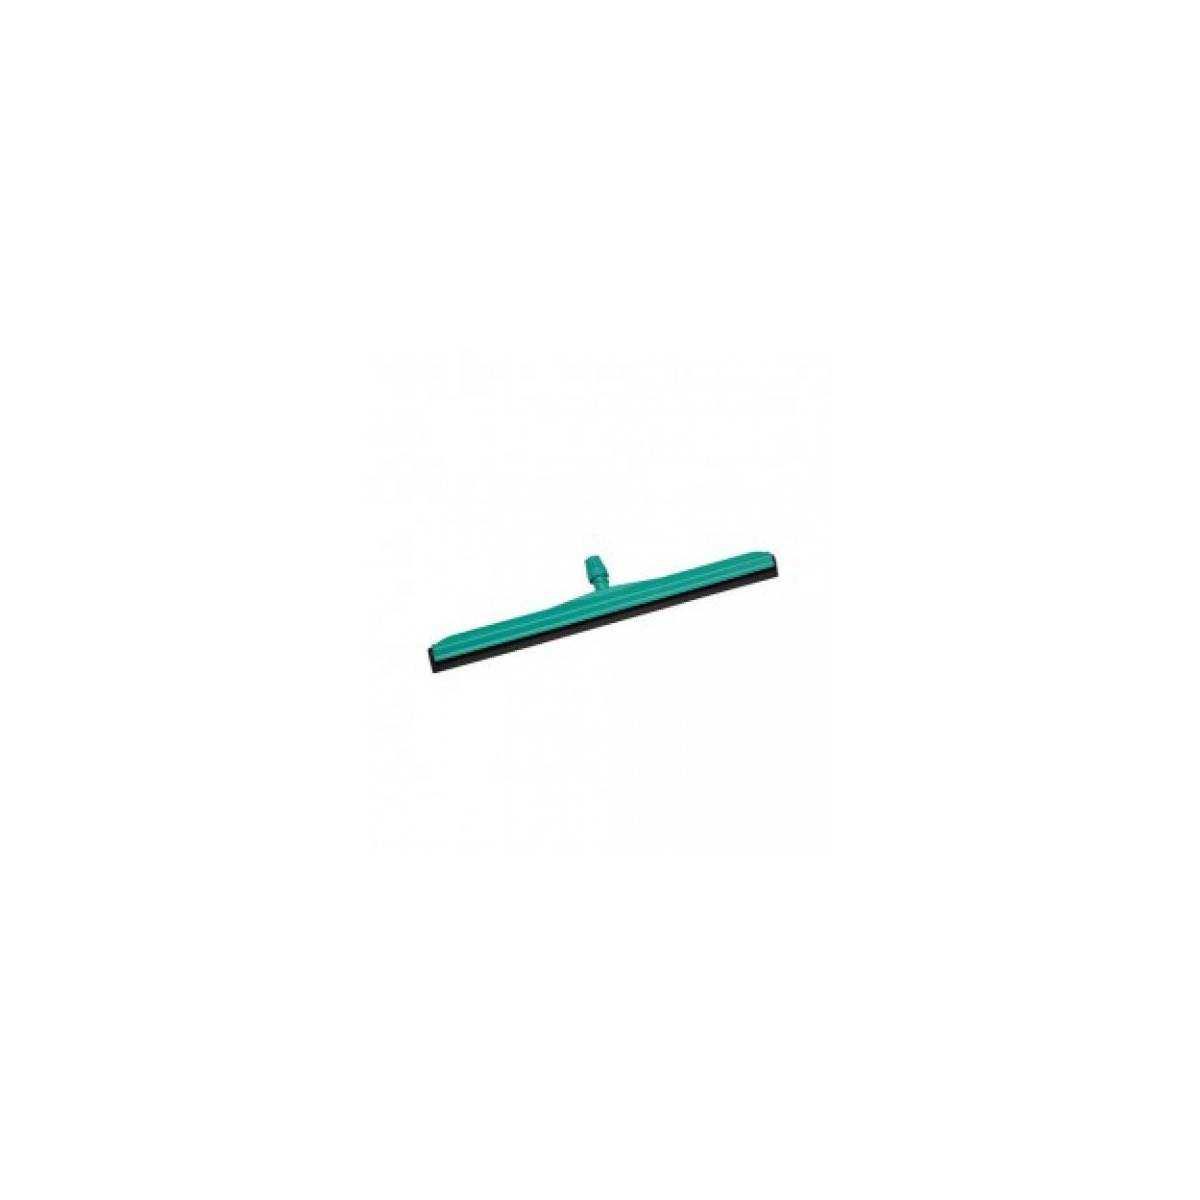 Скребок для сгона воды с пола полипропиленовый 75см (Зеленого цвета) 00008633 TTS